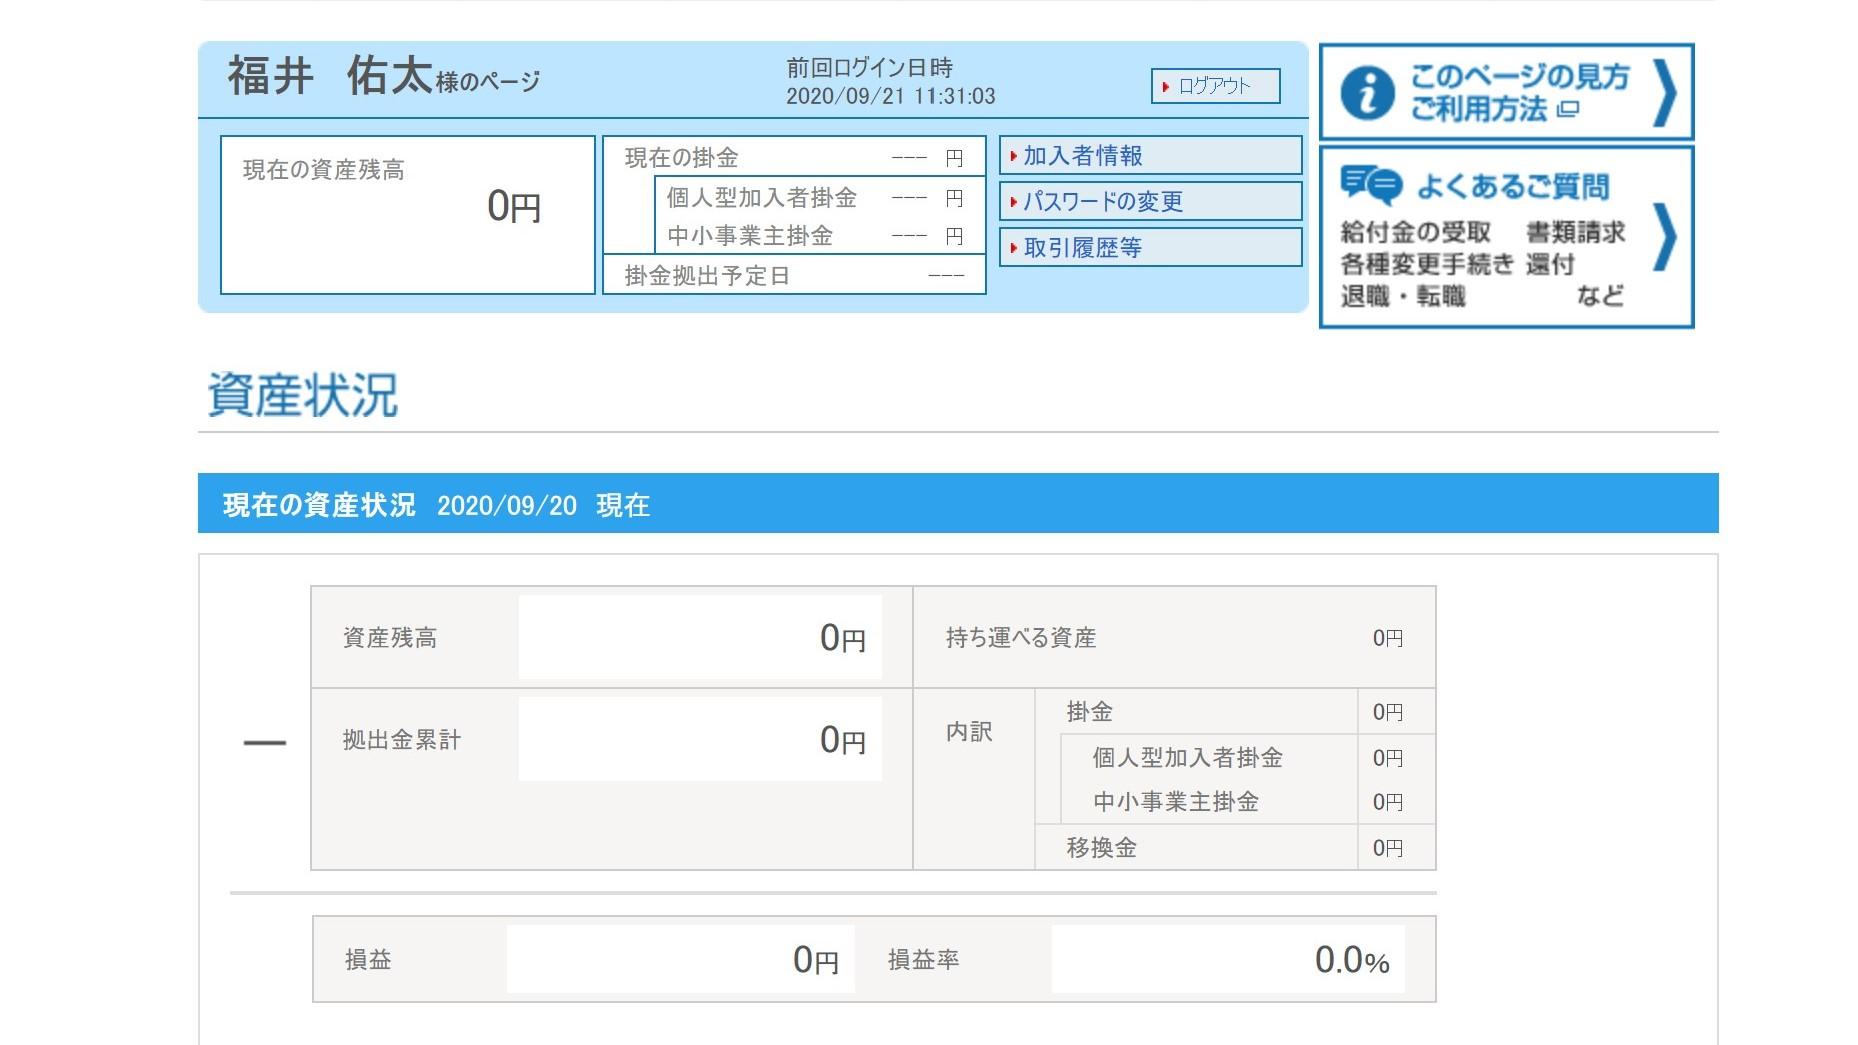 福井佑太のiDeCo資産